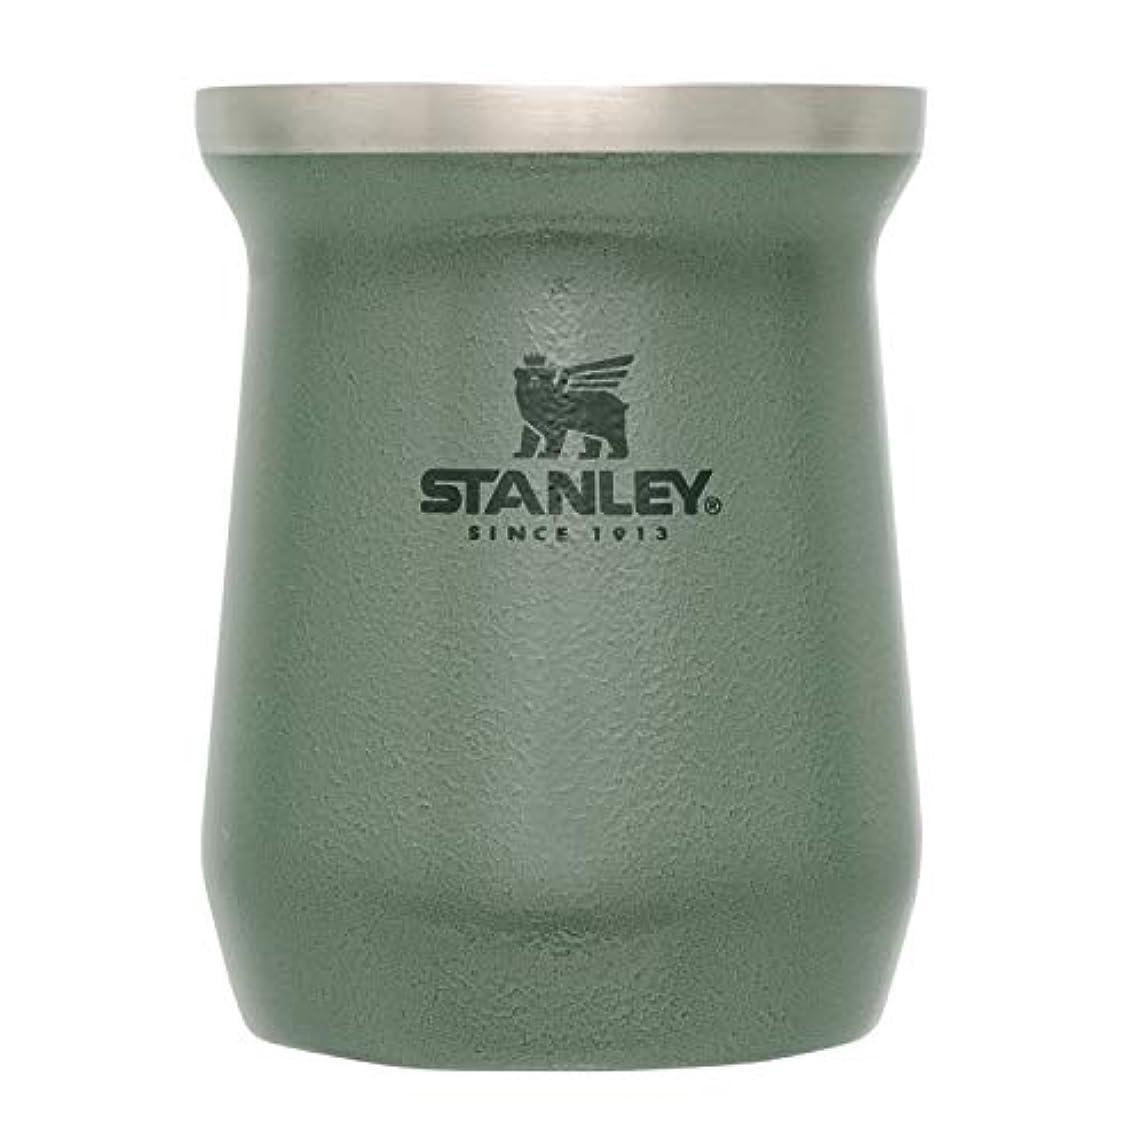 ブラザー友だち直感STANLEY(スタンレー) クラシック真空タンブラー 0.23L 各色 保冷 保温 頑丈 ロックグラス ワイン ウイスキー アウトドア 保証 (日本正規品)